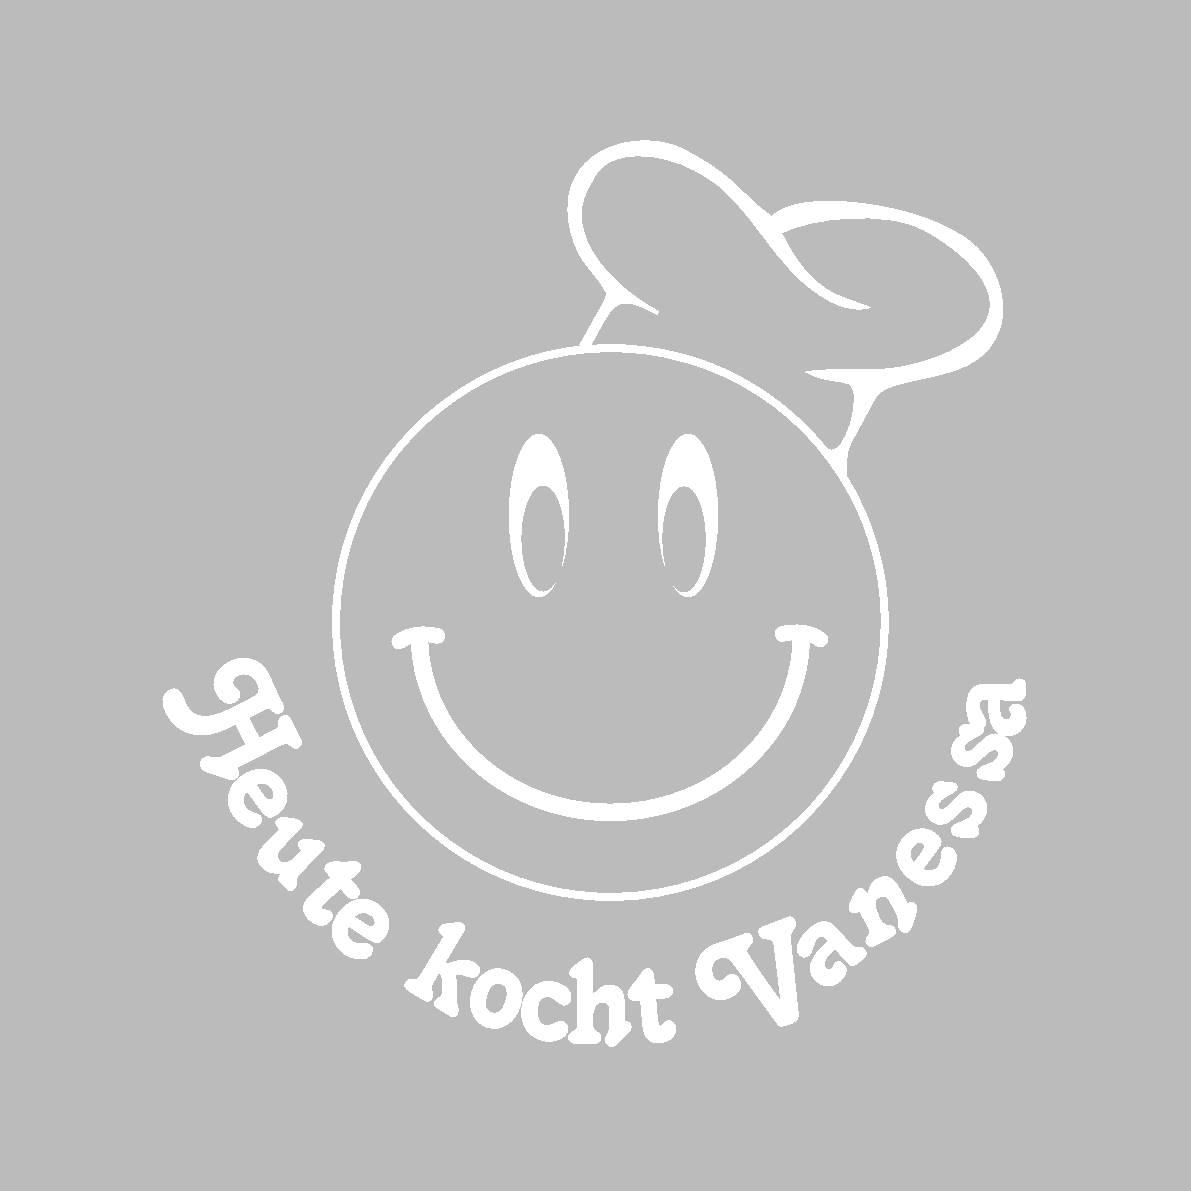 heute-kocht-name-motivschuerze11